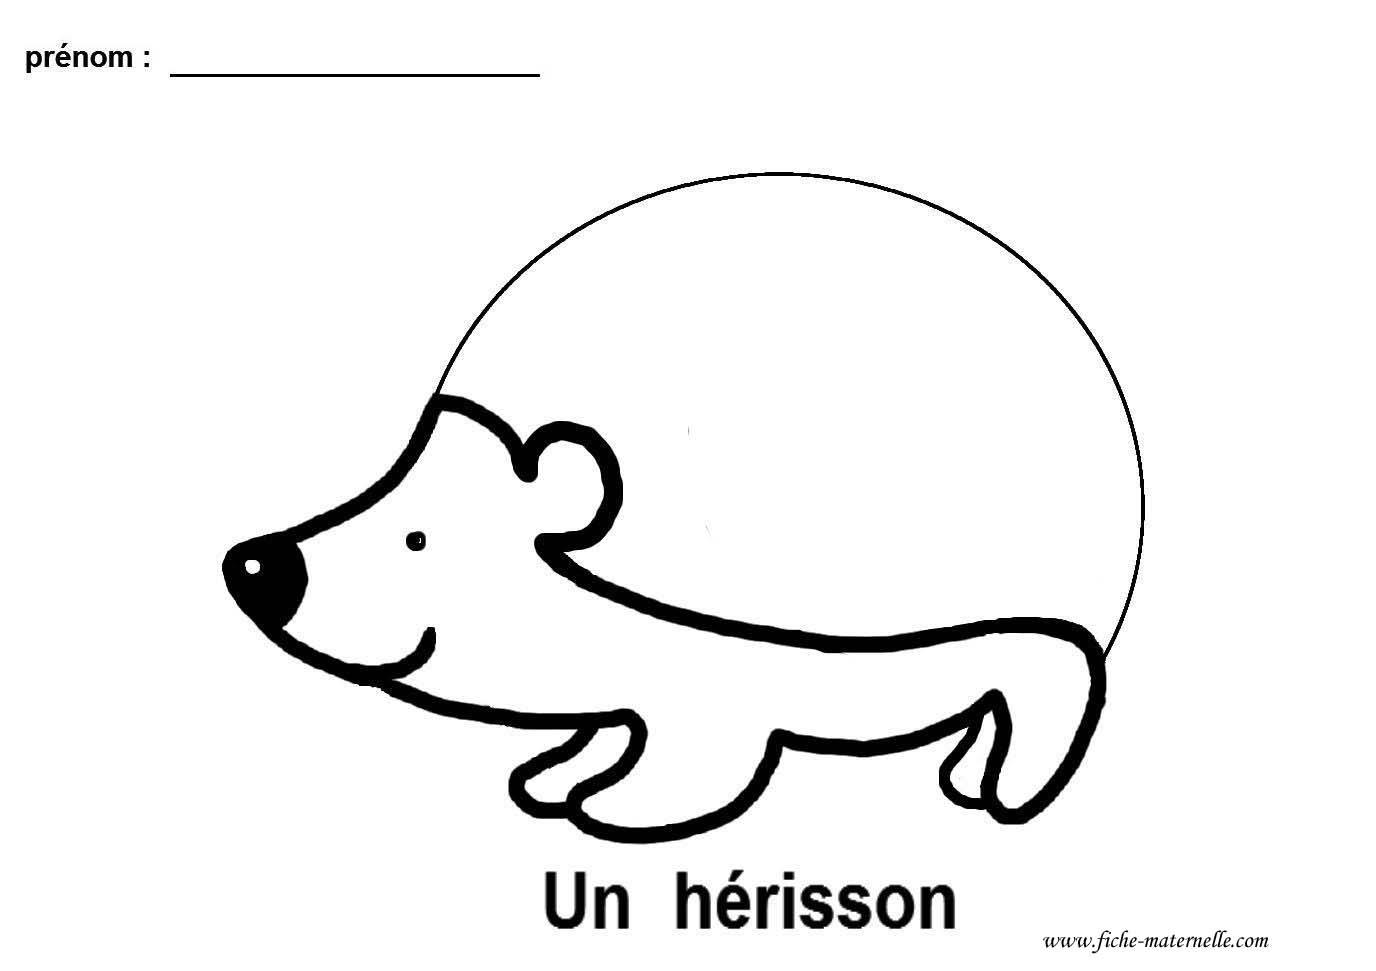 Graphisme gs et ms le herisson lignes bris es - Herisson coloriage ...